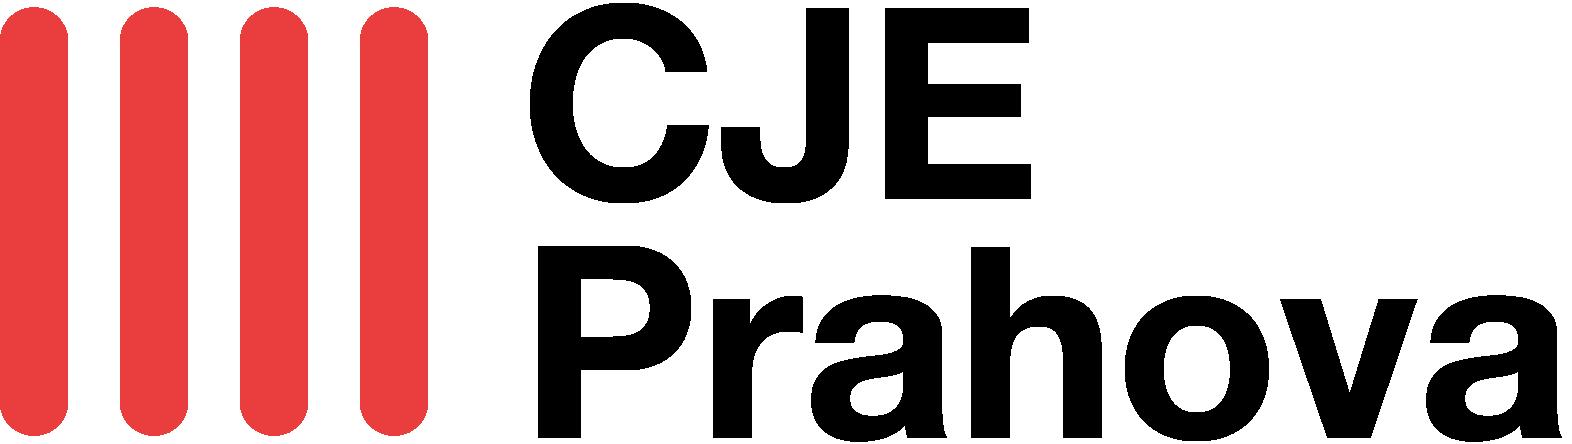 Consiliul Județean al Elevilor Prahova